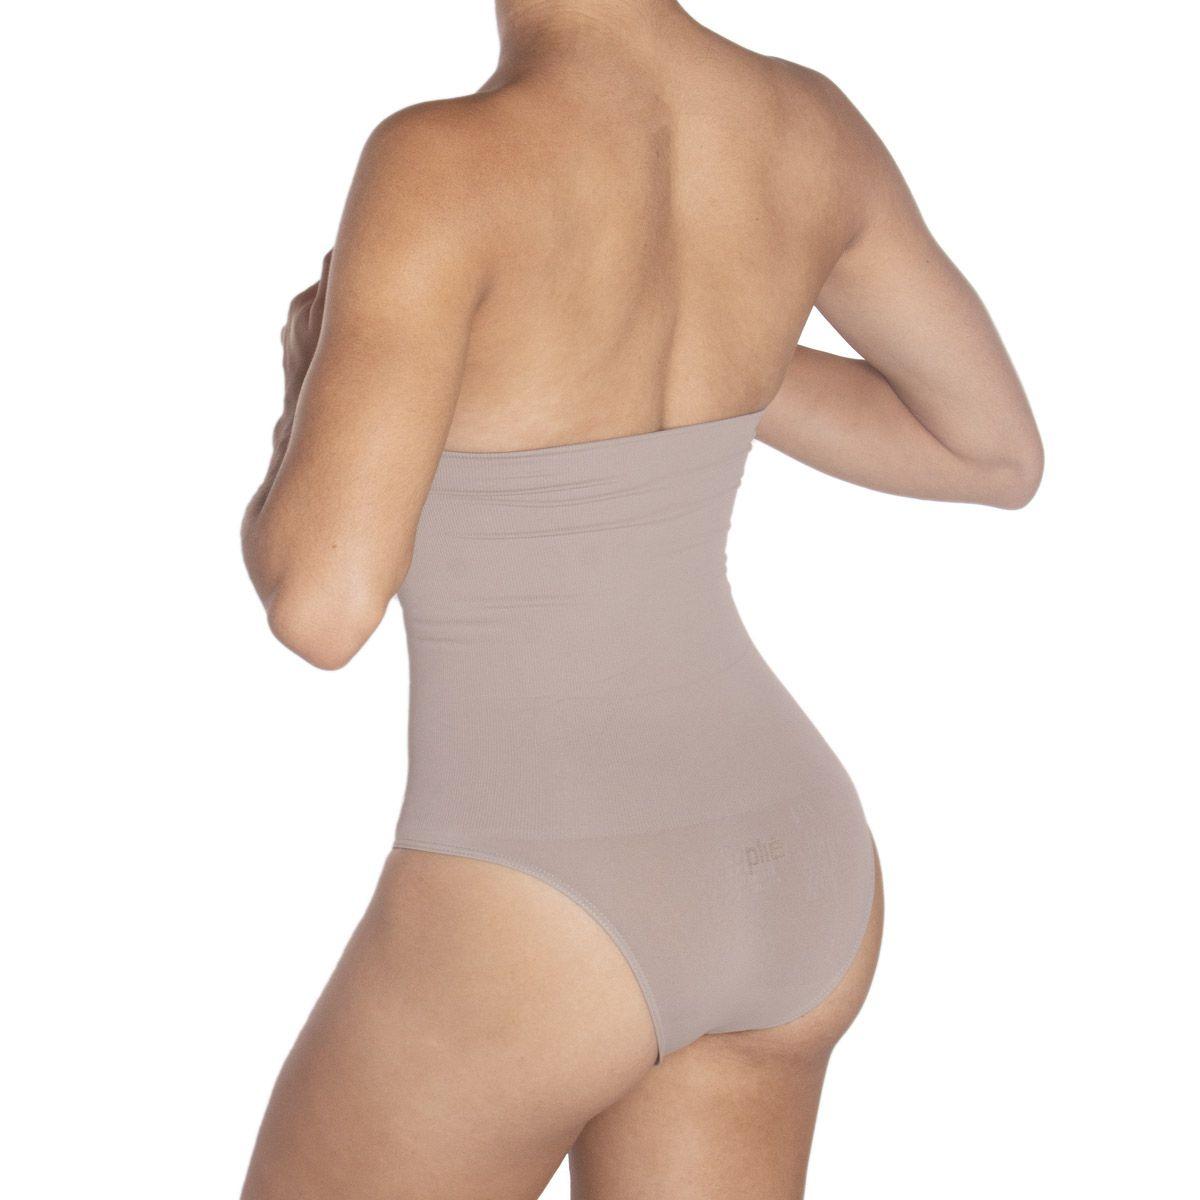 Calcinha modeladora cintura alta compressão redutora Plié